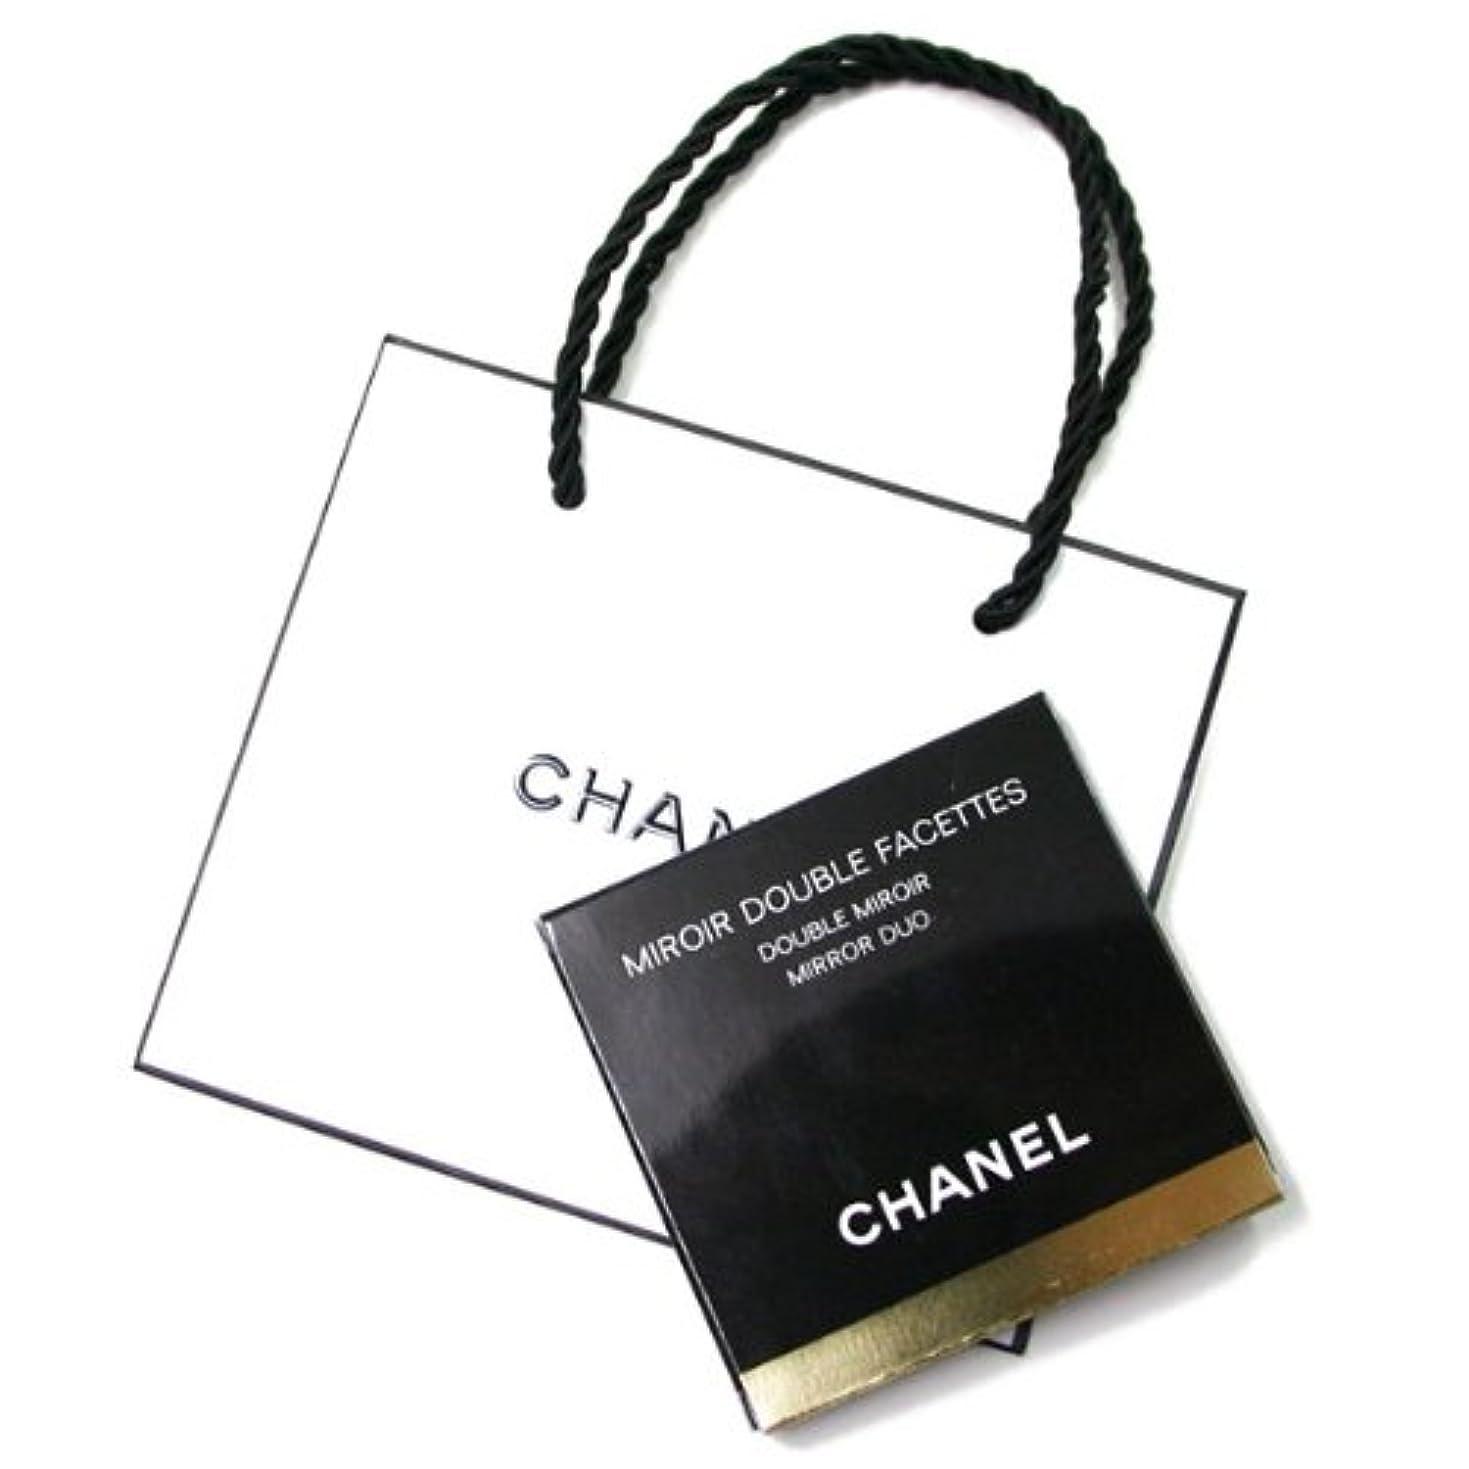 (シャネル) CHANELコンパクト ダブルミラー 手鏡 BLACK (ブラック)CHANEL ギフト ペーパーバッグ付きミロワールドゥーブルファセットA13750 [並行輸入品]